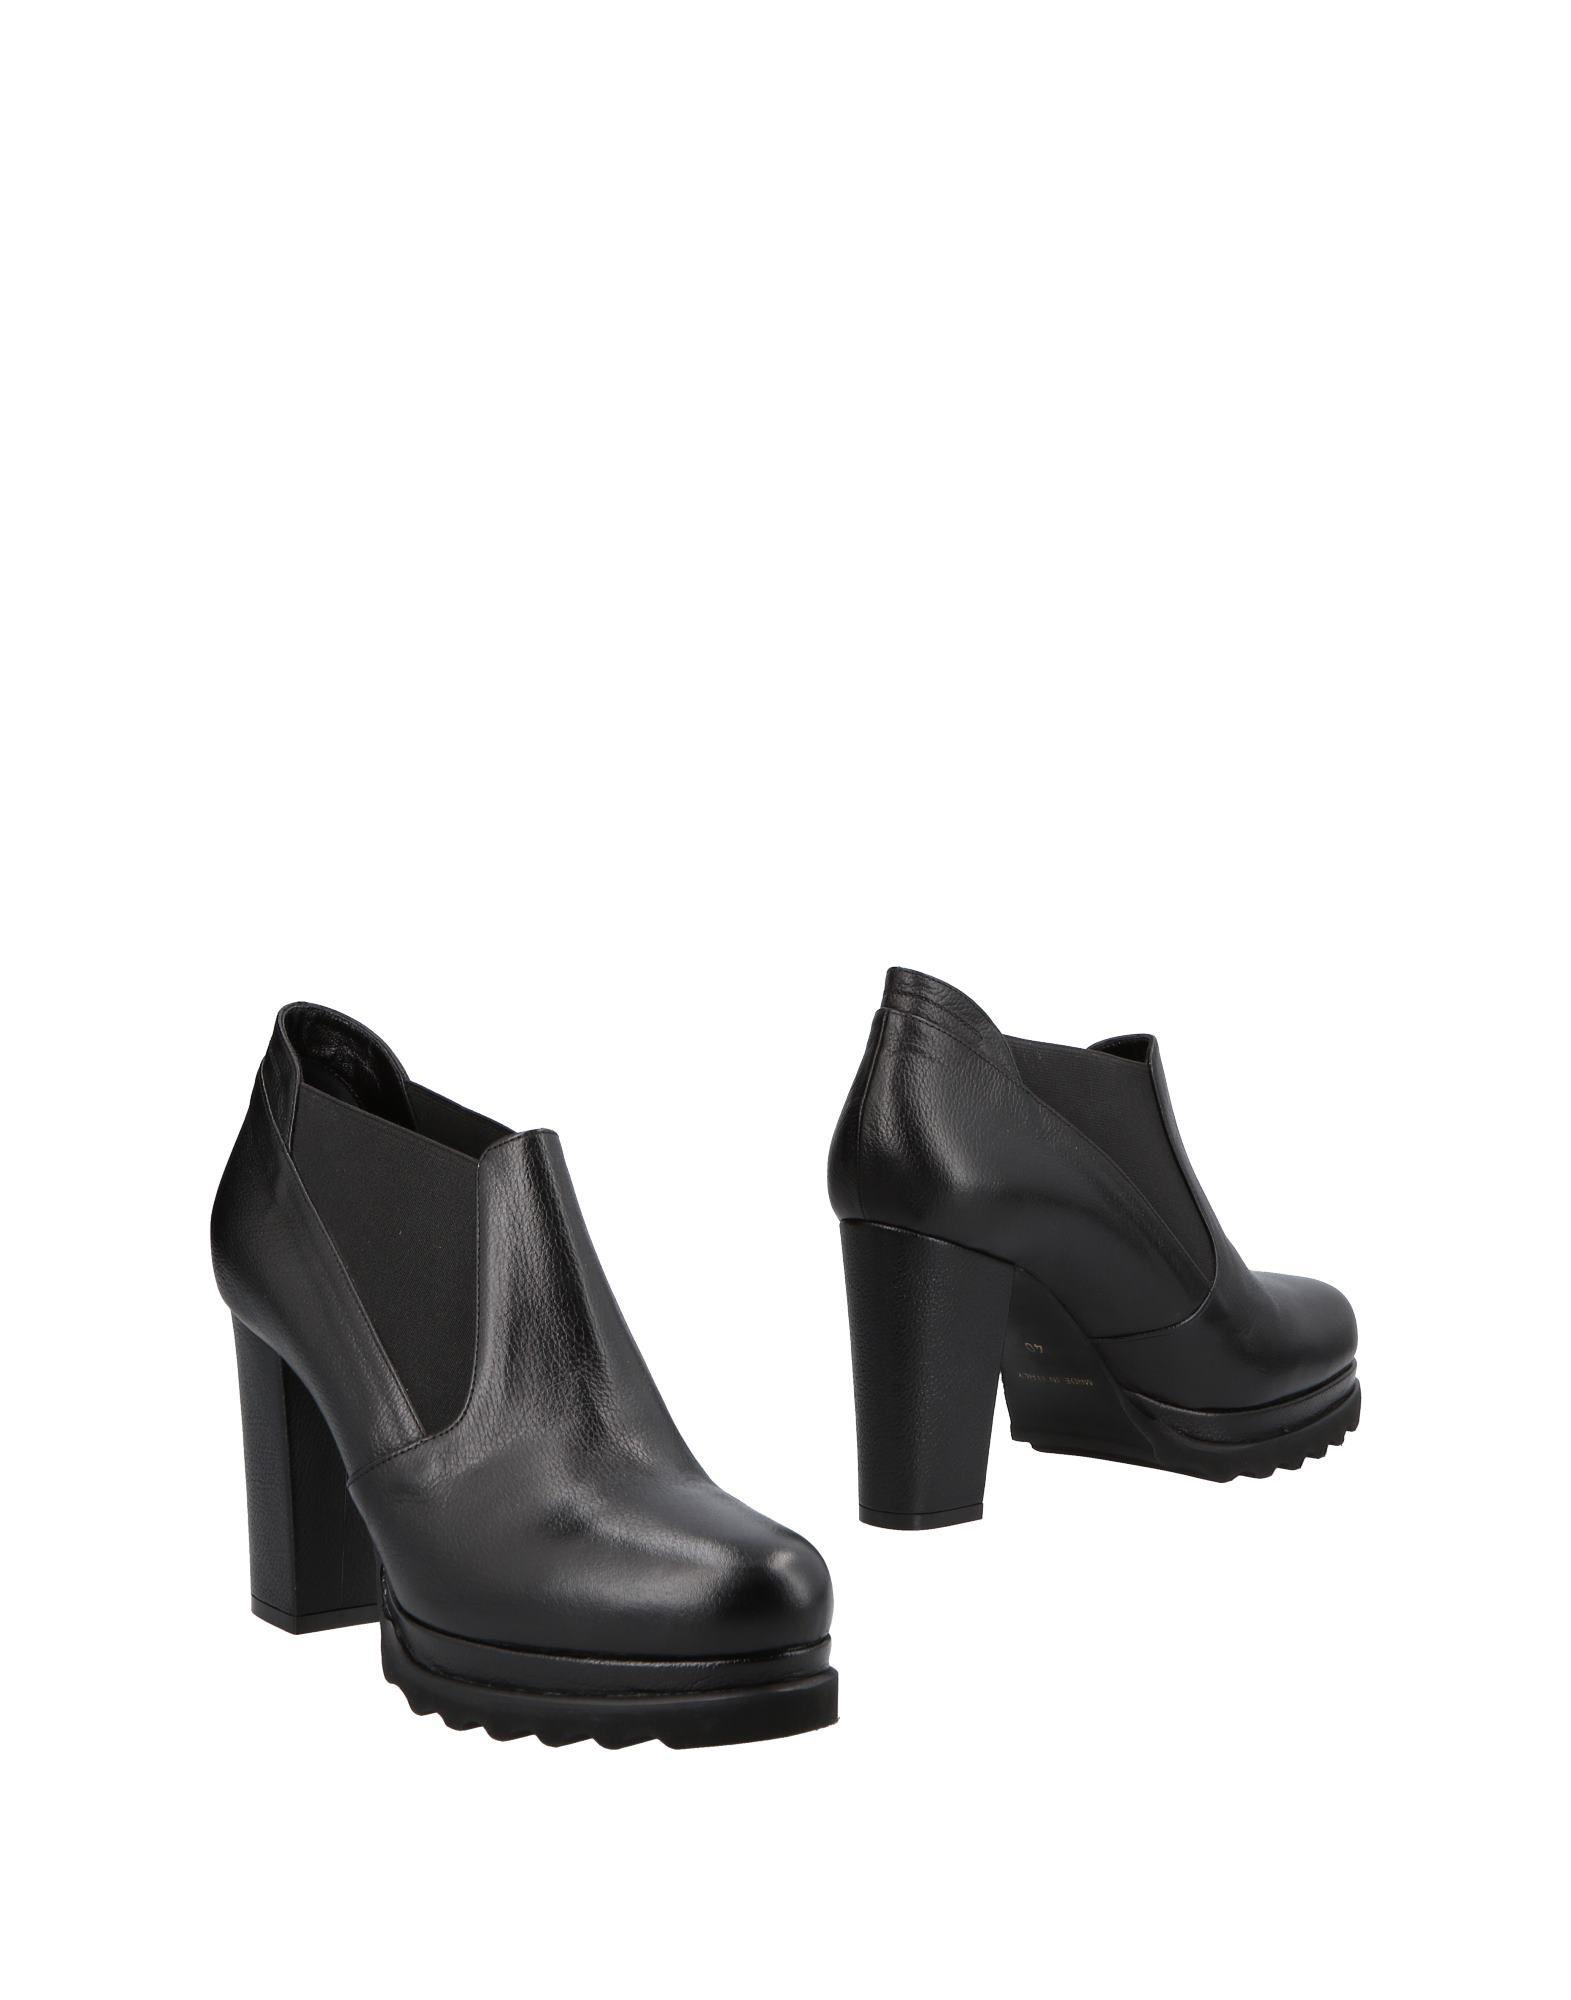 Sergio Cimadamore Stiefelette Damen  11494828JP Gute Qualität beliebte Schuhe